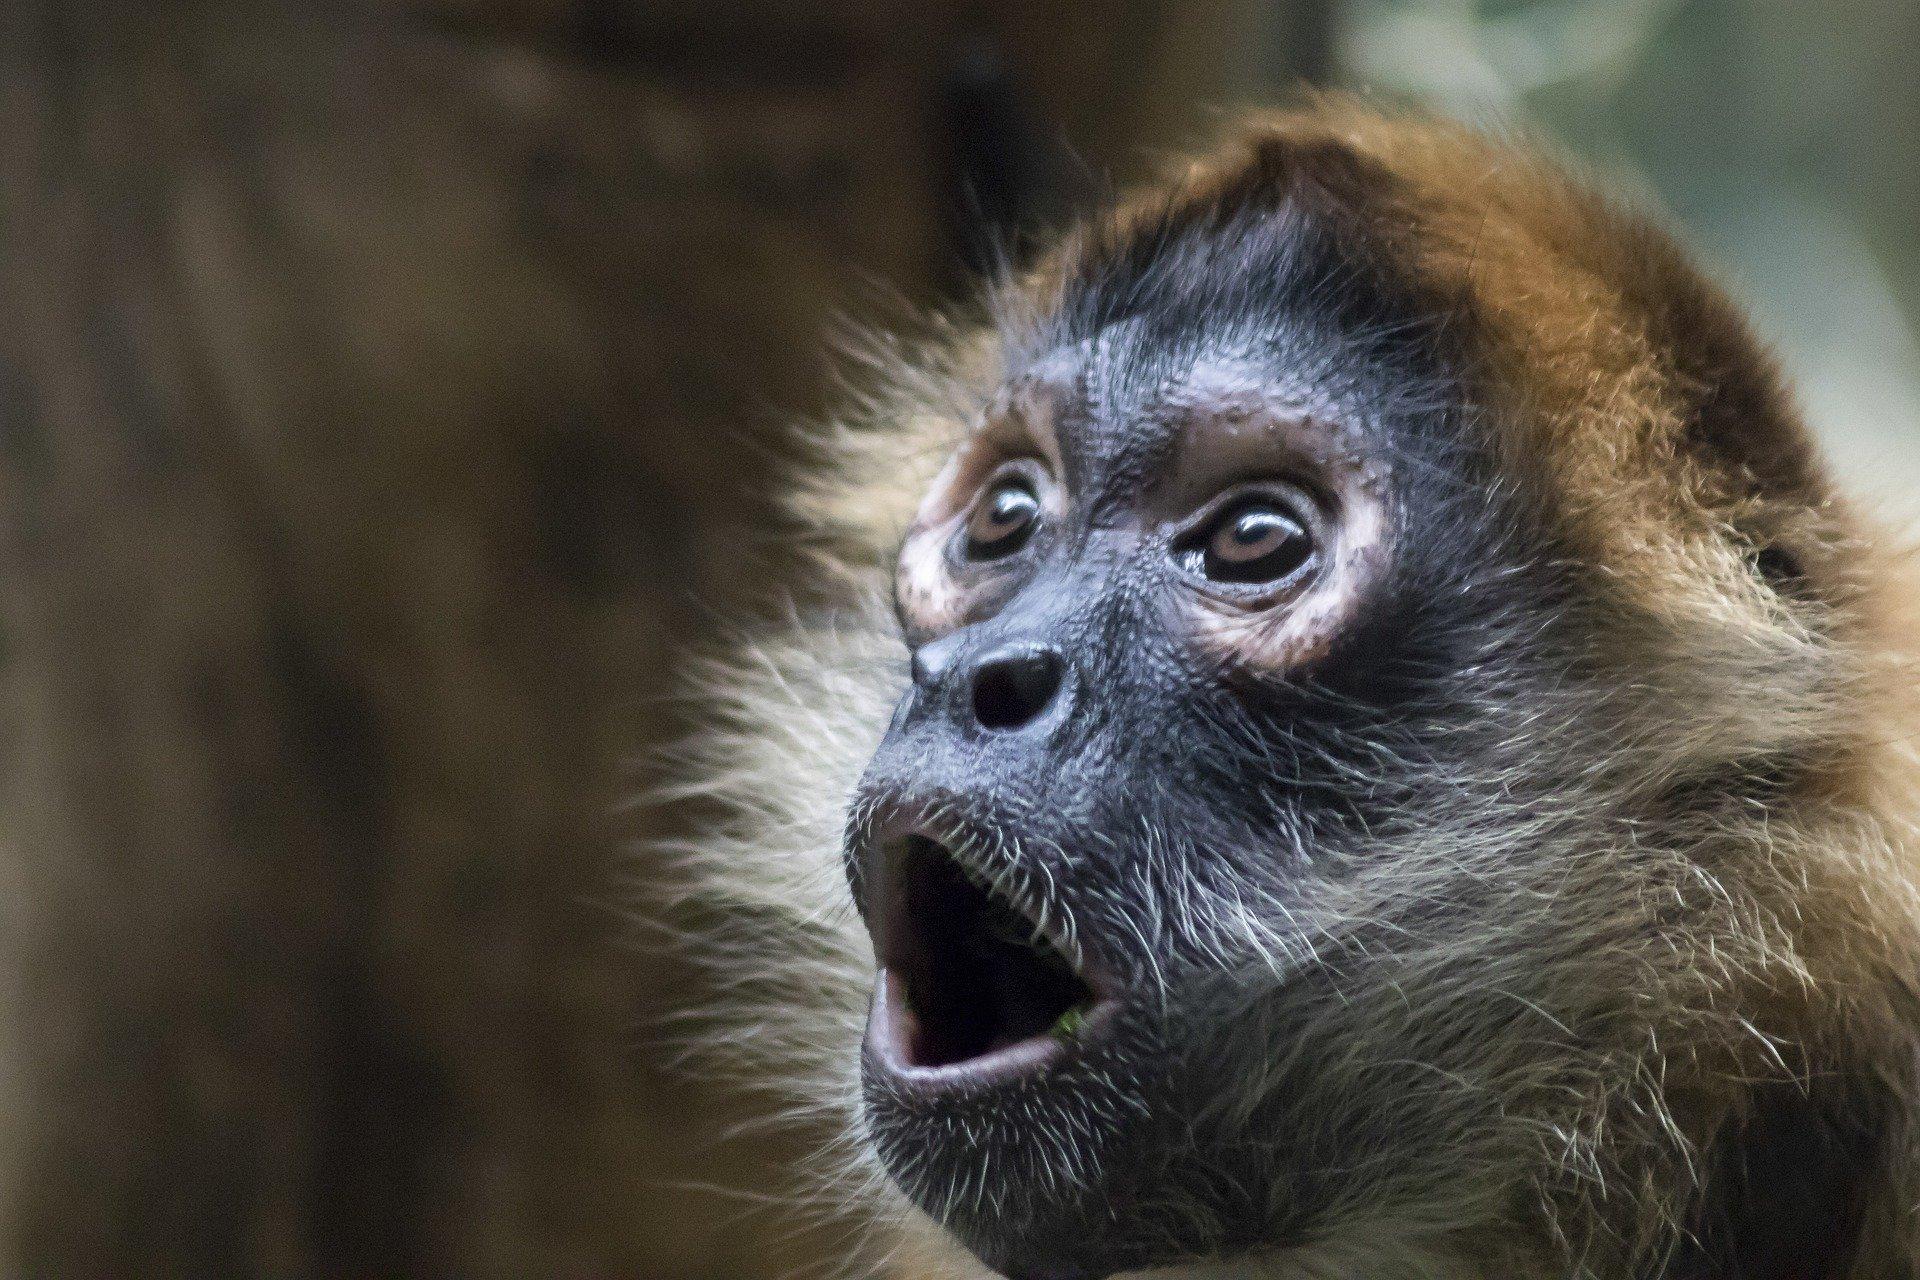 サルが驚く顔